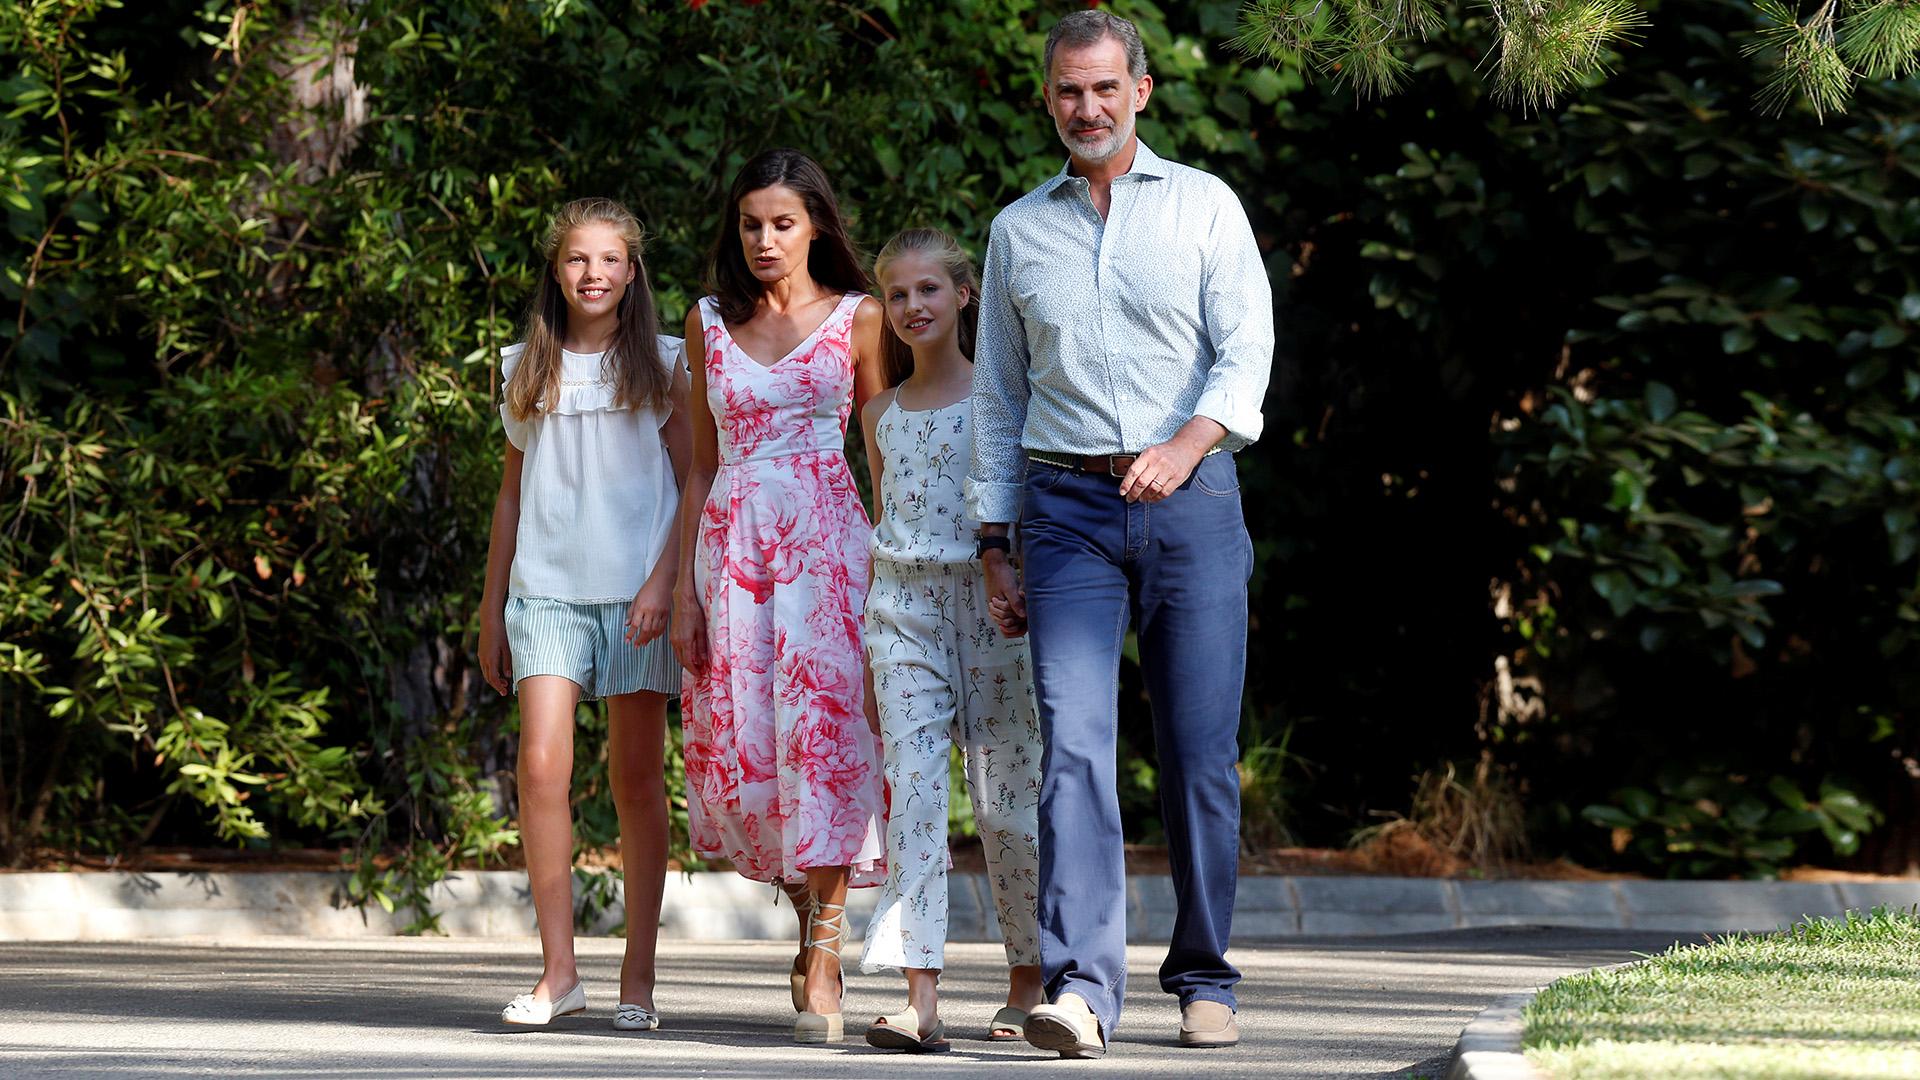 Los reyes de España junto a sus princesas camino a la sesión fotográfica que realizan todos las temporadas